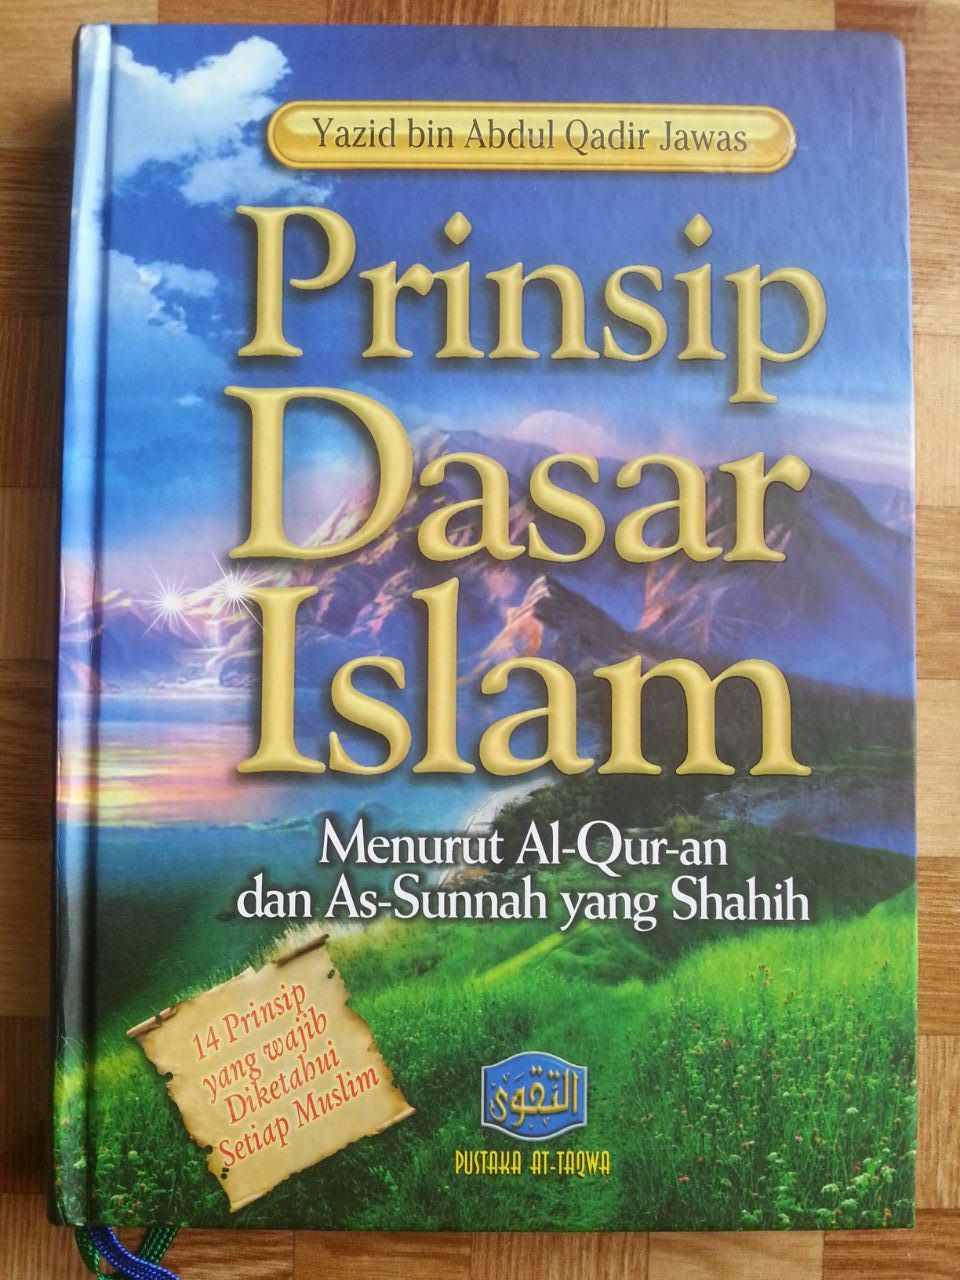 Buku Prinsip Dasar Islam Menurut Al-Qur'an Dan As-Sunnah cover 2